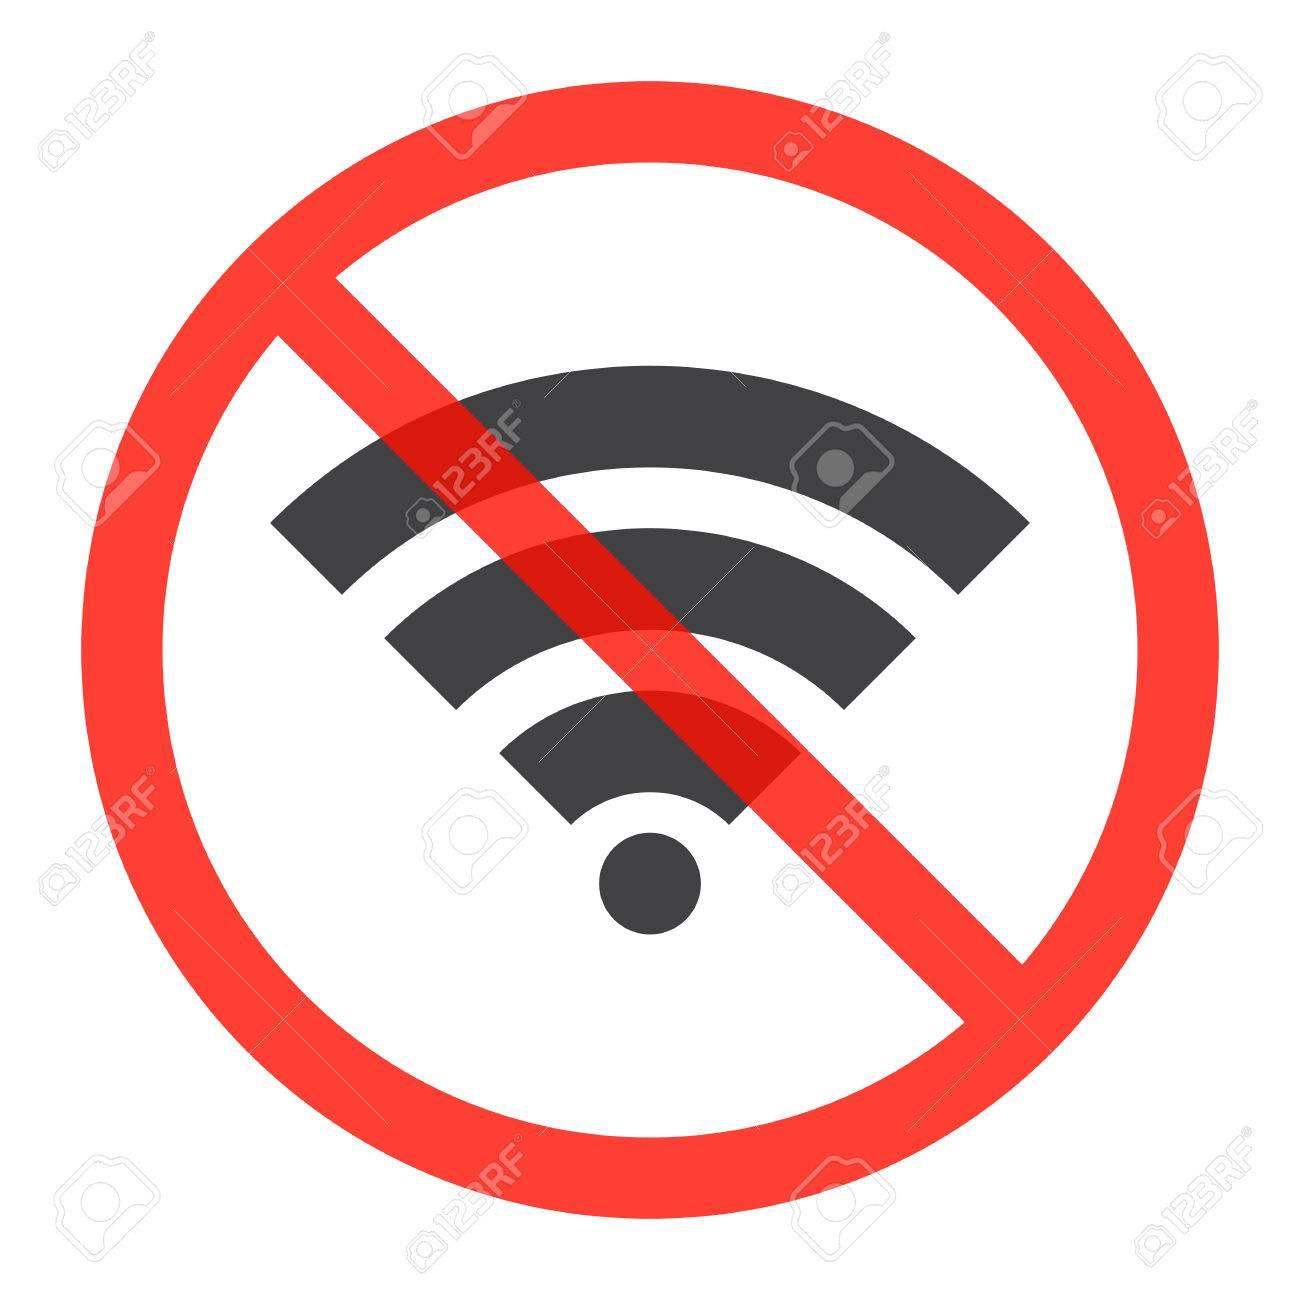 चित्तौड़गढ़: इंटरनेट सेवाएं 24 घंटे के लिए बंद,ड्यूटी मजिस्ट्रेट नियुक्त